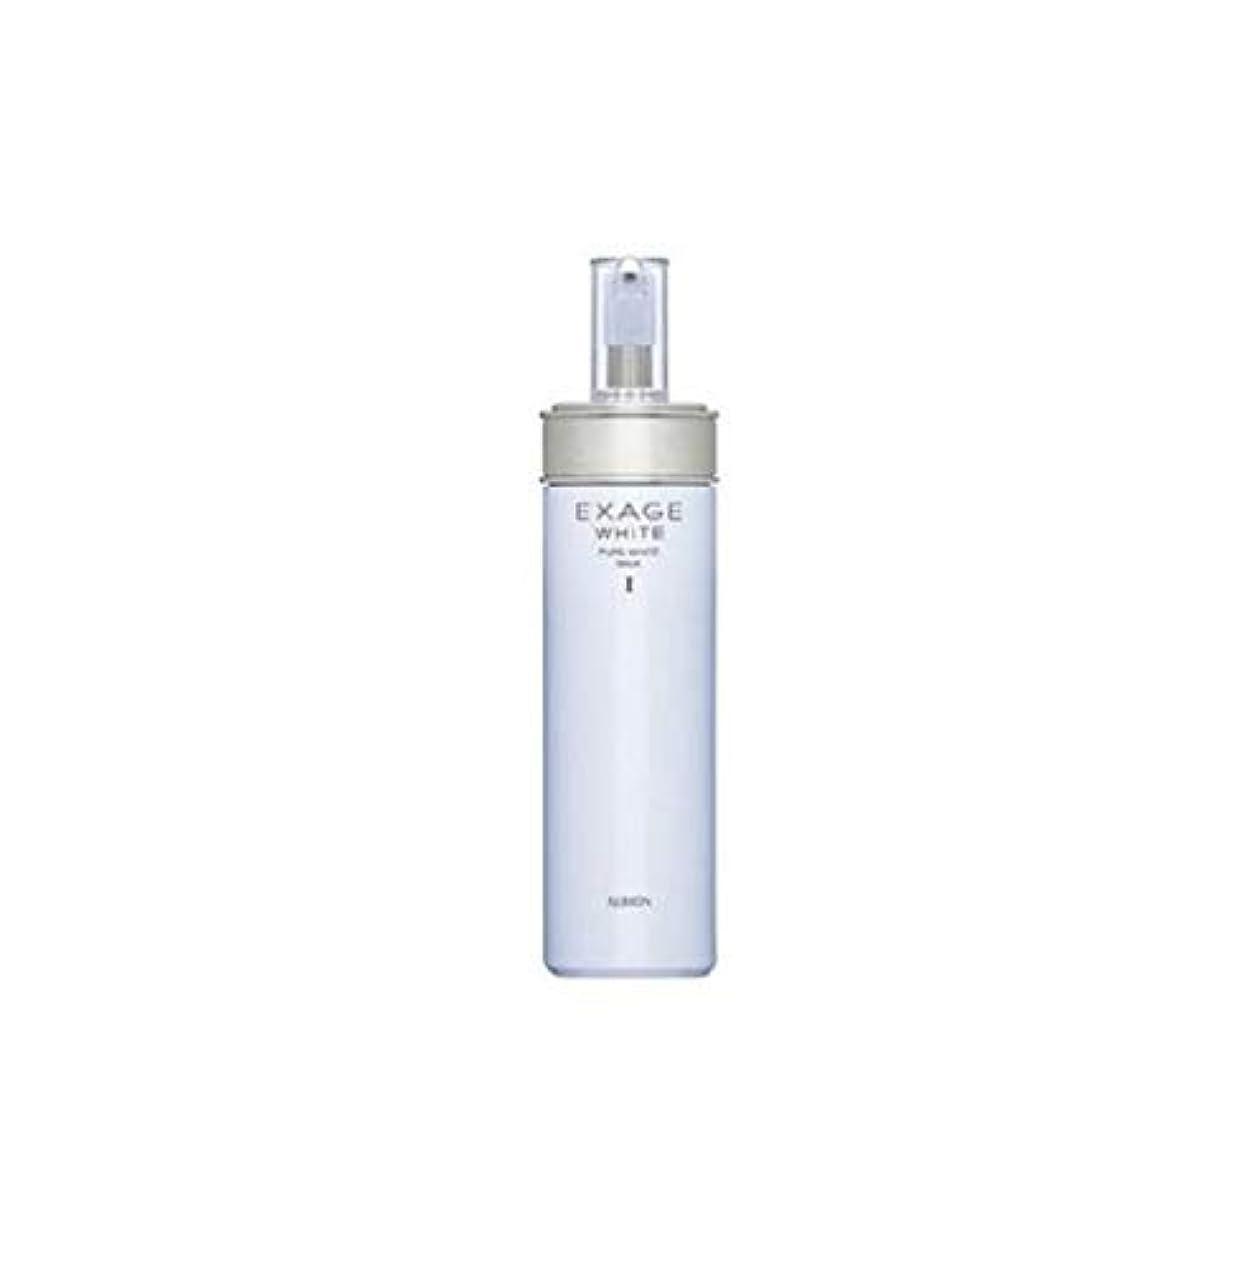 沈黙なすゲートALBION(アルビオン) エクサージュホワイト ピュアホワイト ミルク I 200g [ 乳液 ]